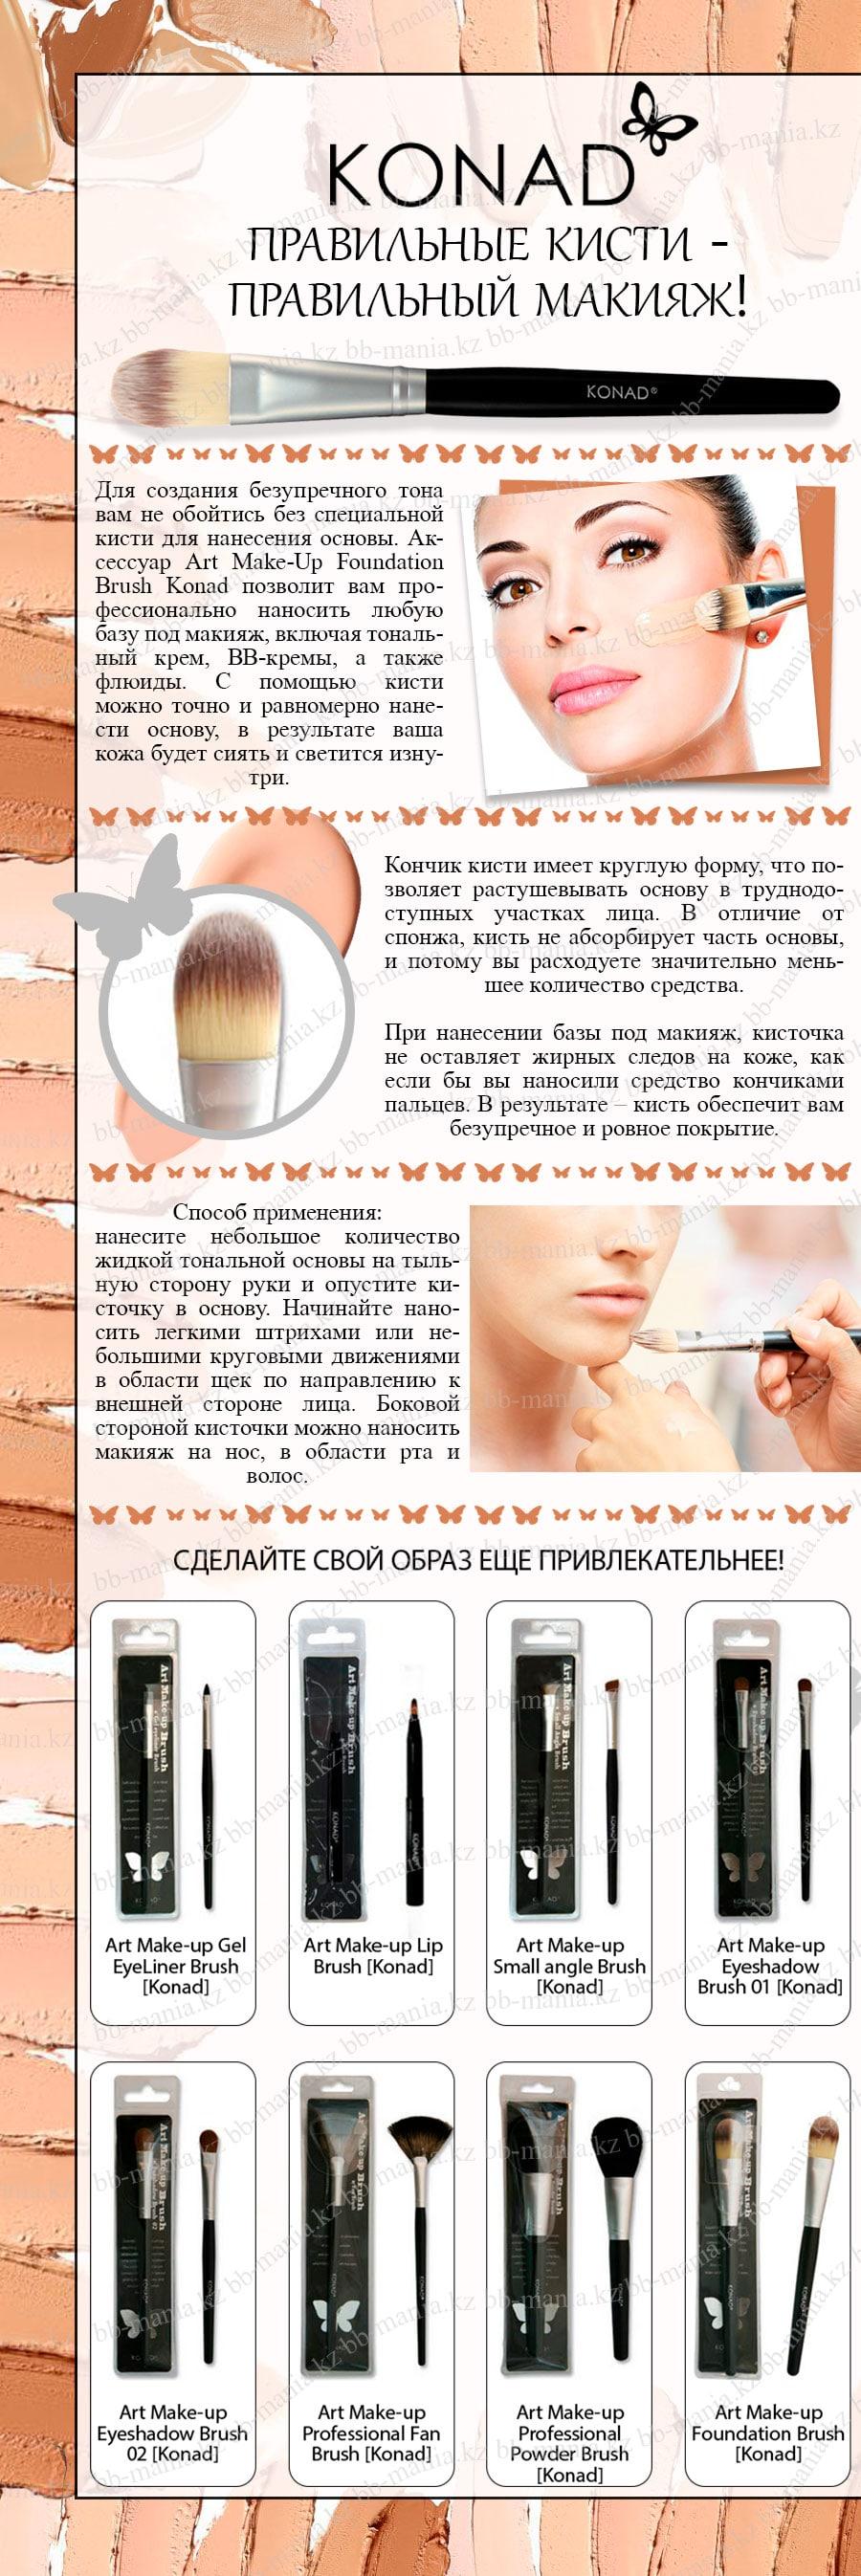 Как правильно нанести макияж в домашних условиях фото 33